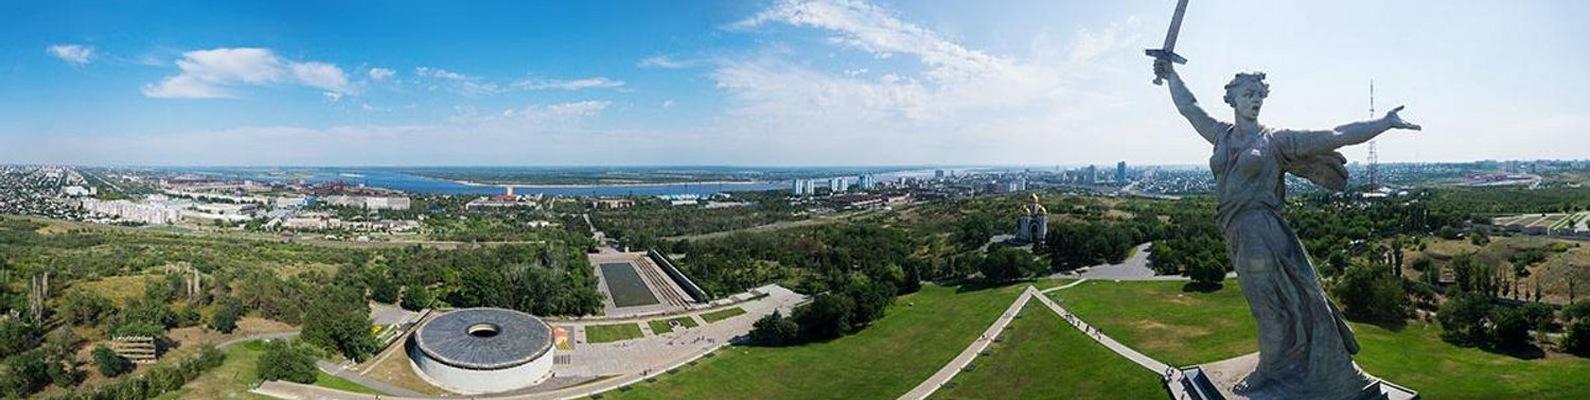 Панорамное фото волгограда в хорошем качестве